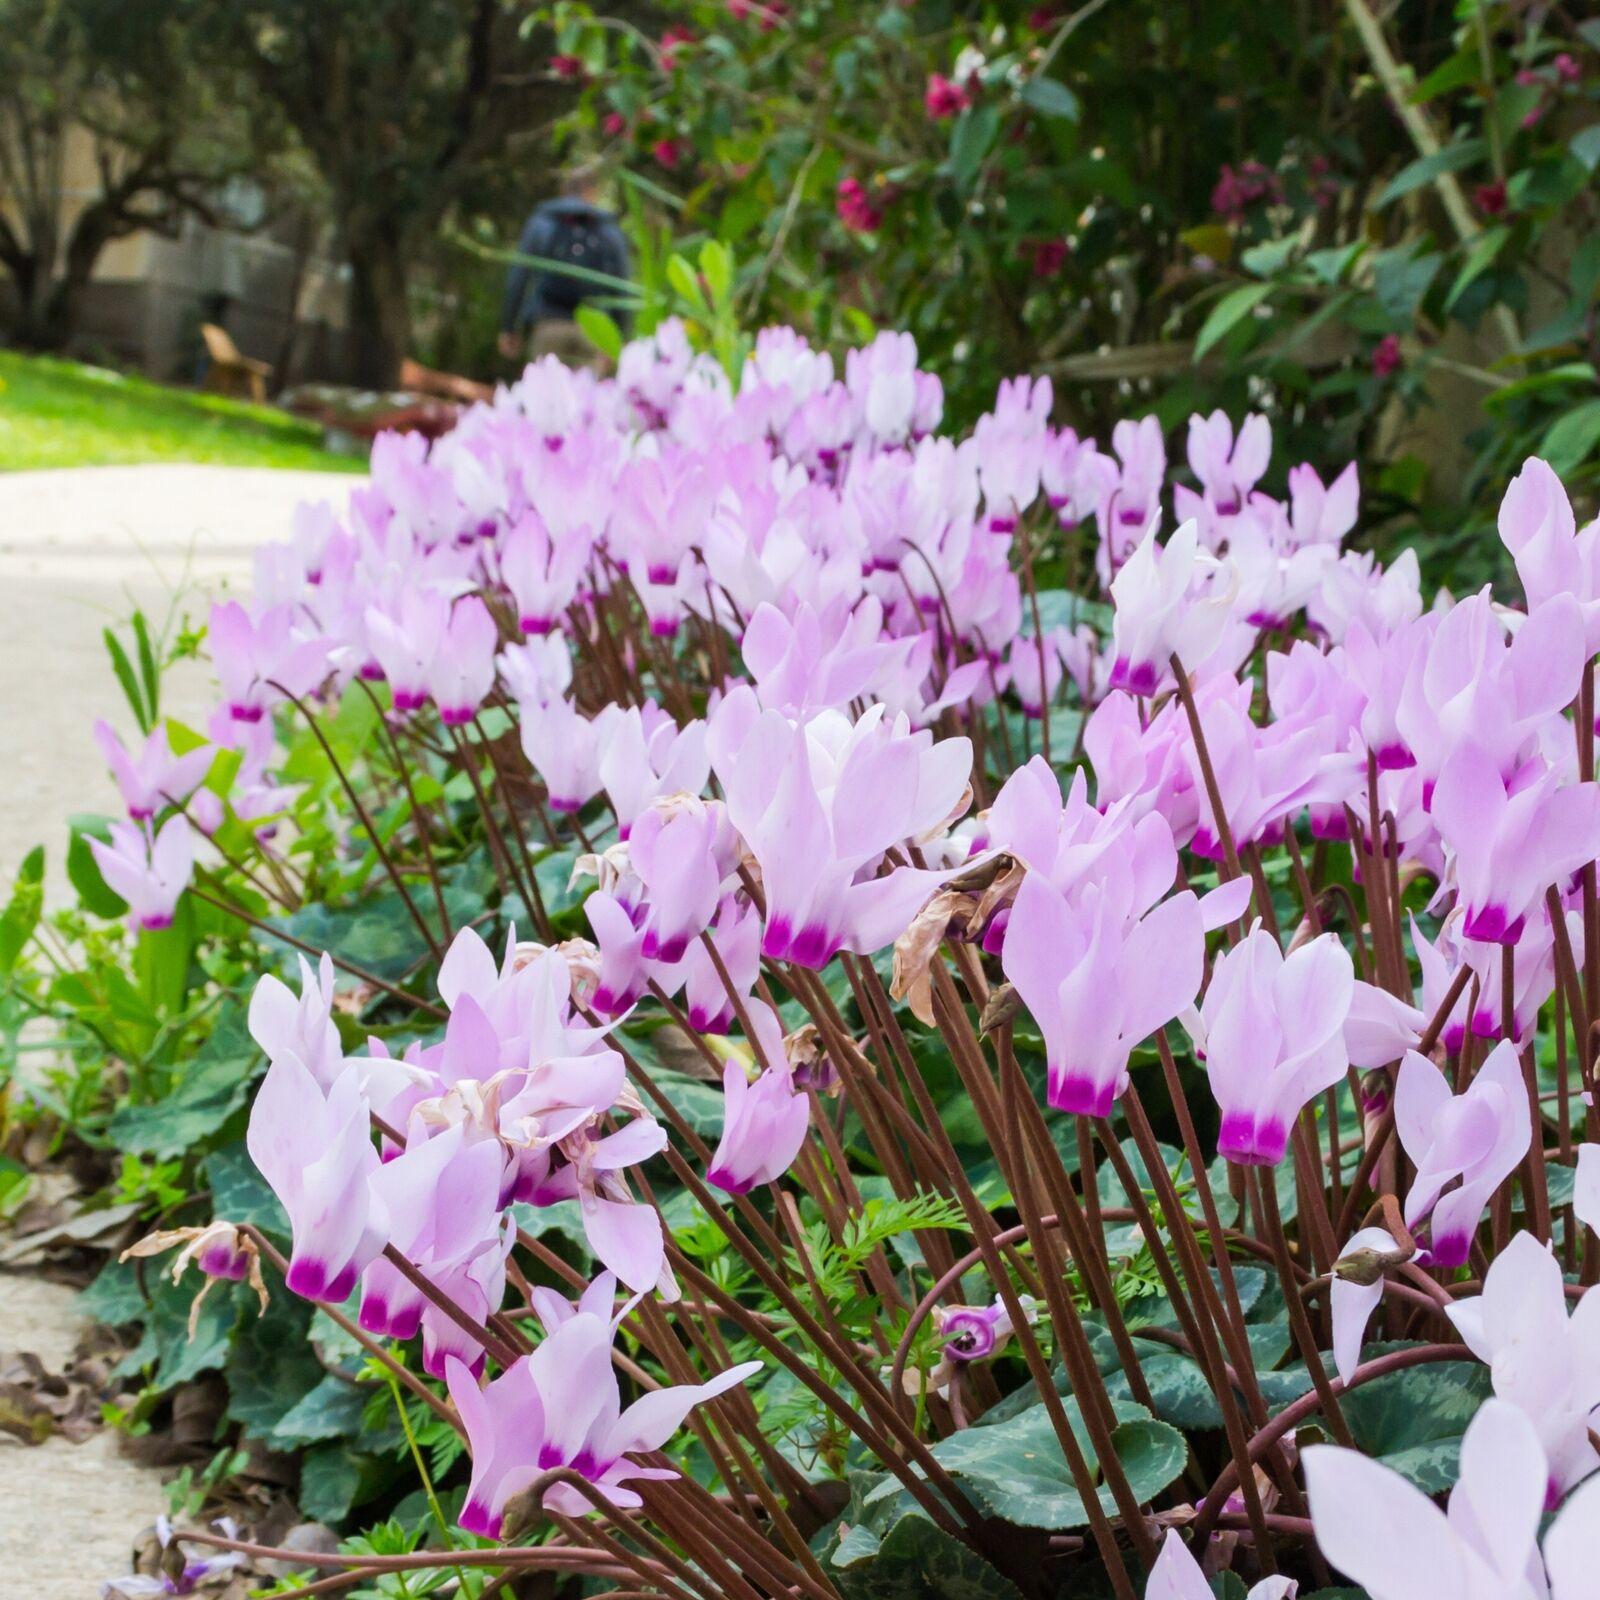 Cyclamen Bulbs Hederifolium Pink Autumn Flowering Garden Perennial Flowers